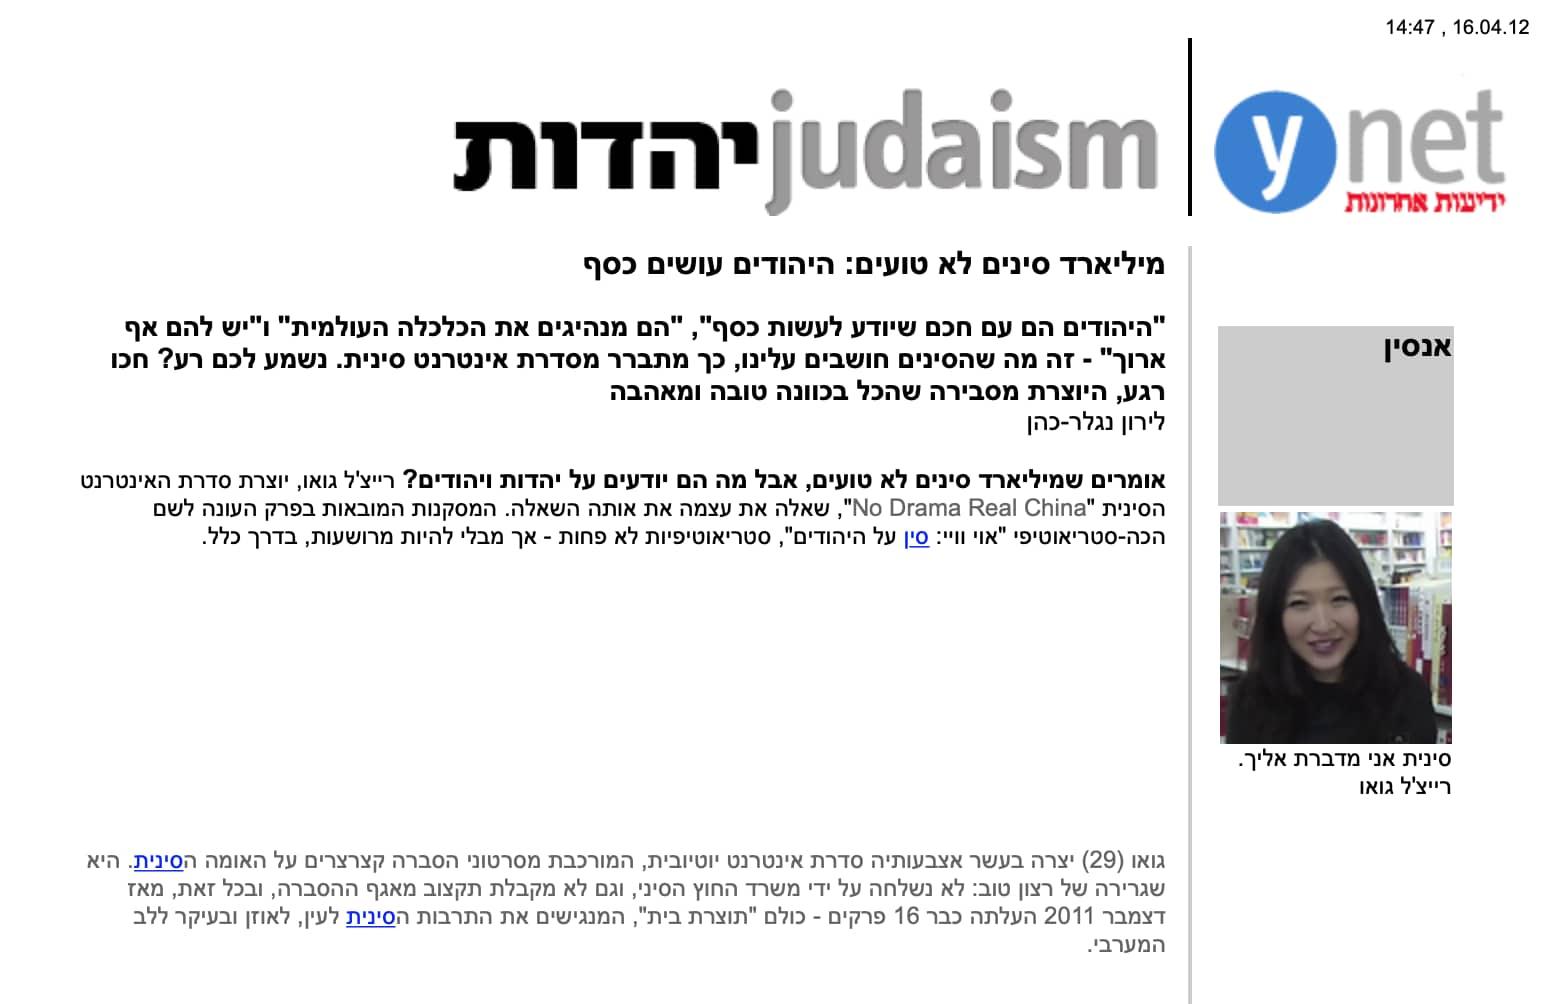 כתבה מתוך ynet: מיליארד סינים לא טועים: היהודים עושים כסף